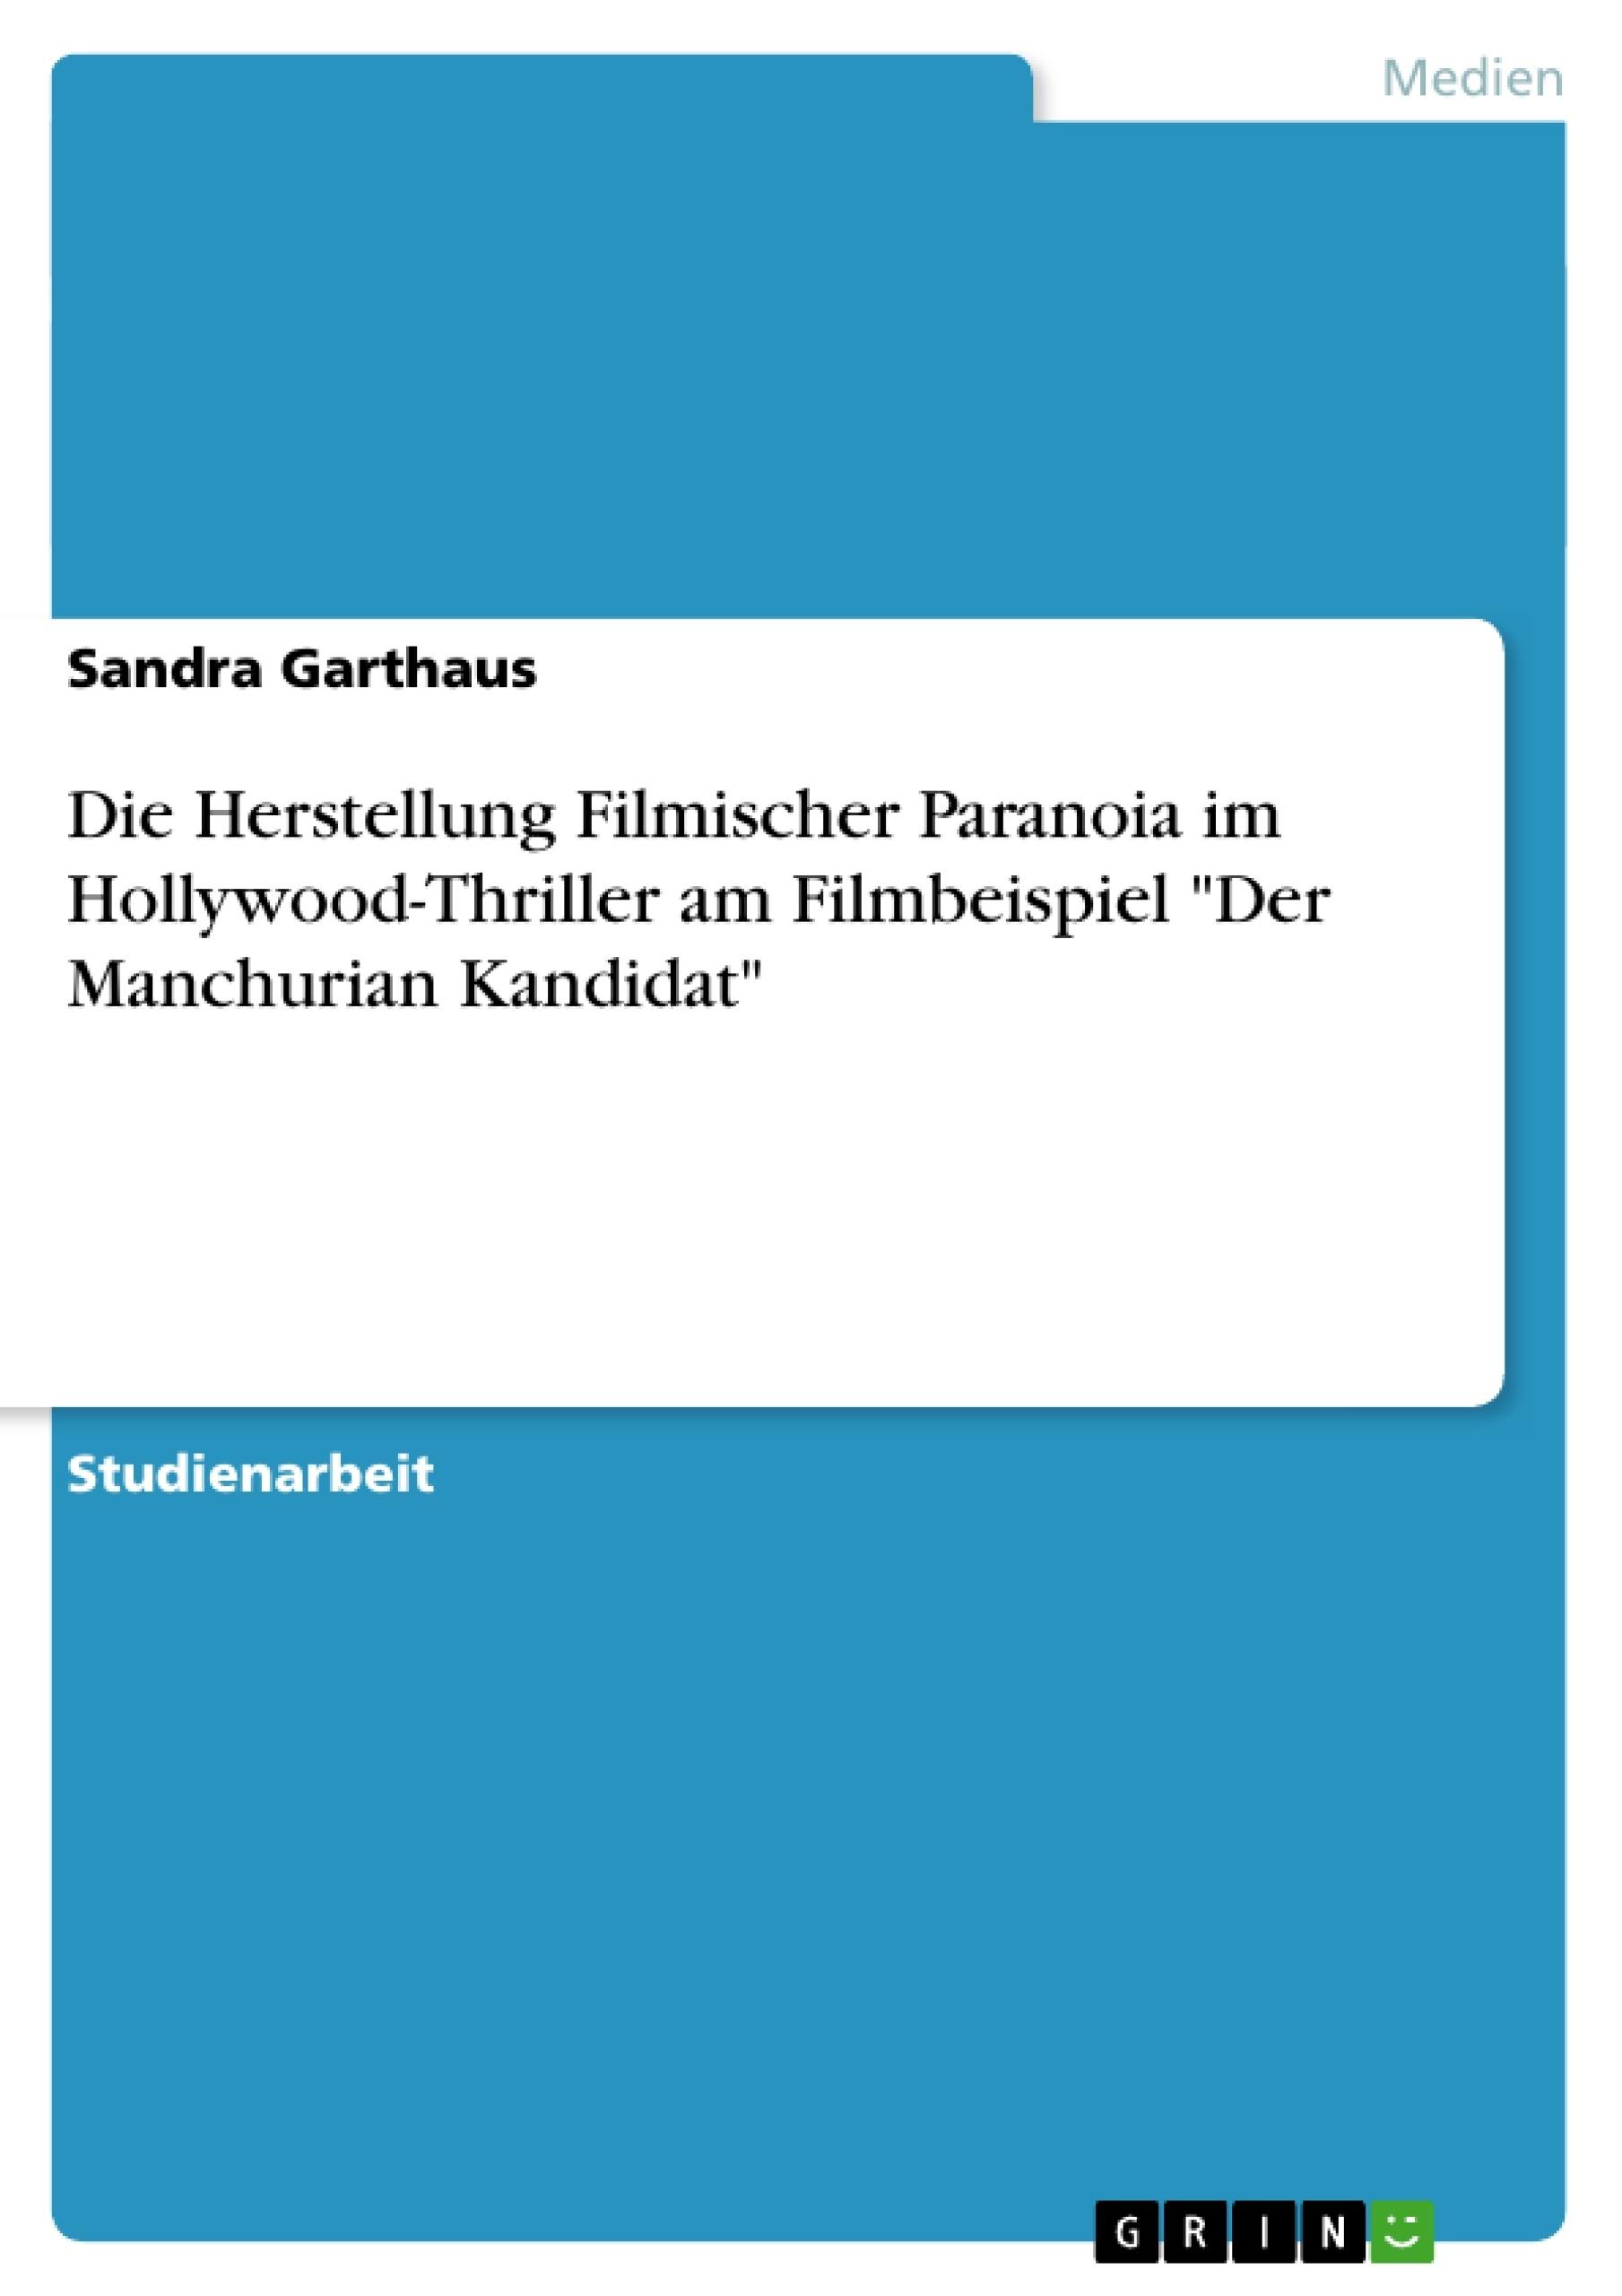 """Titel: Die Herstellung Filmischer Paranoia im Hollywood-Thriller am Filmbeispiel """"Der Manchurian Kandidat"""""""